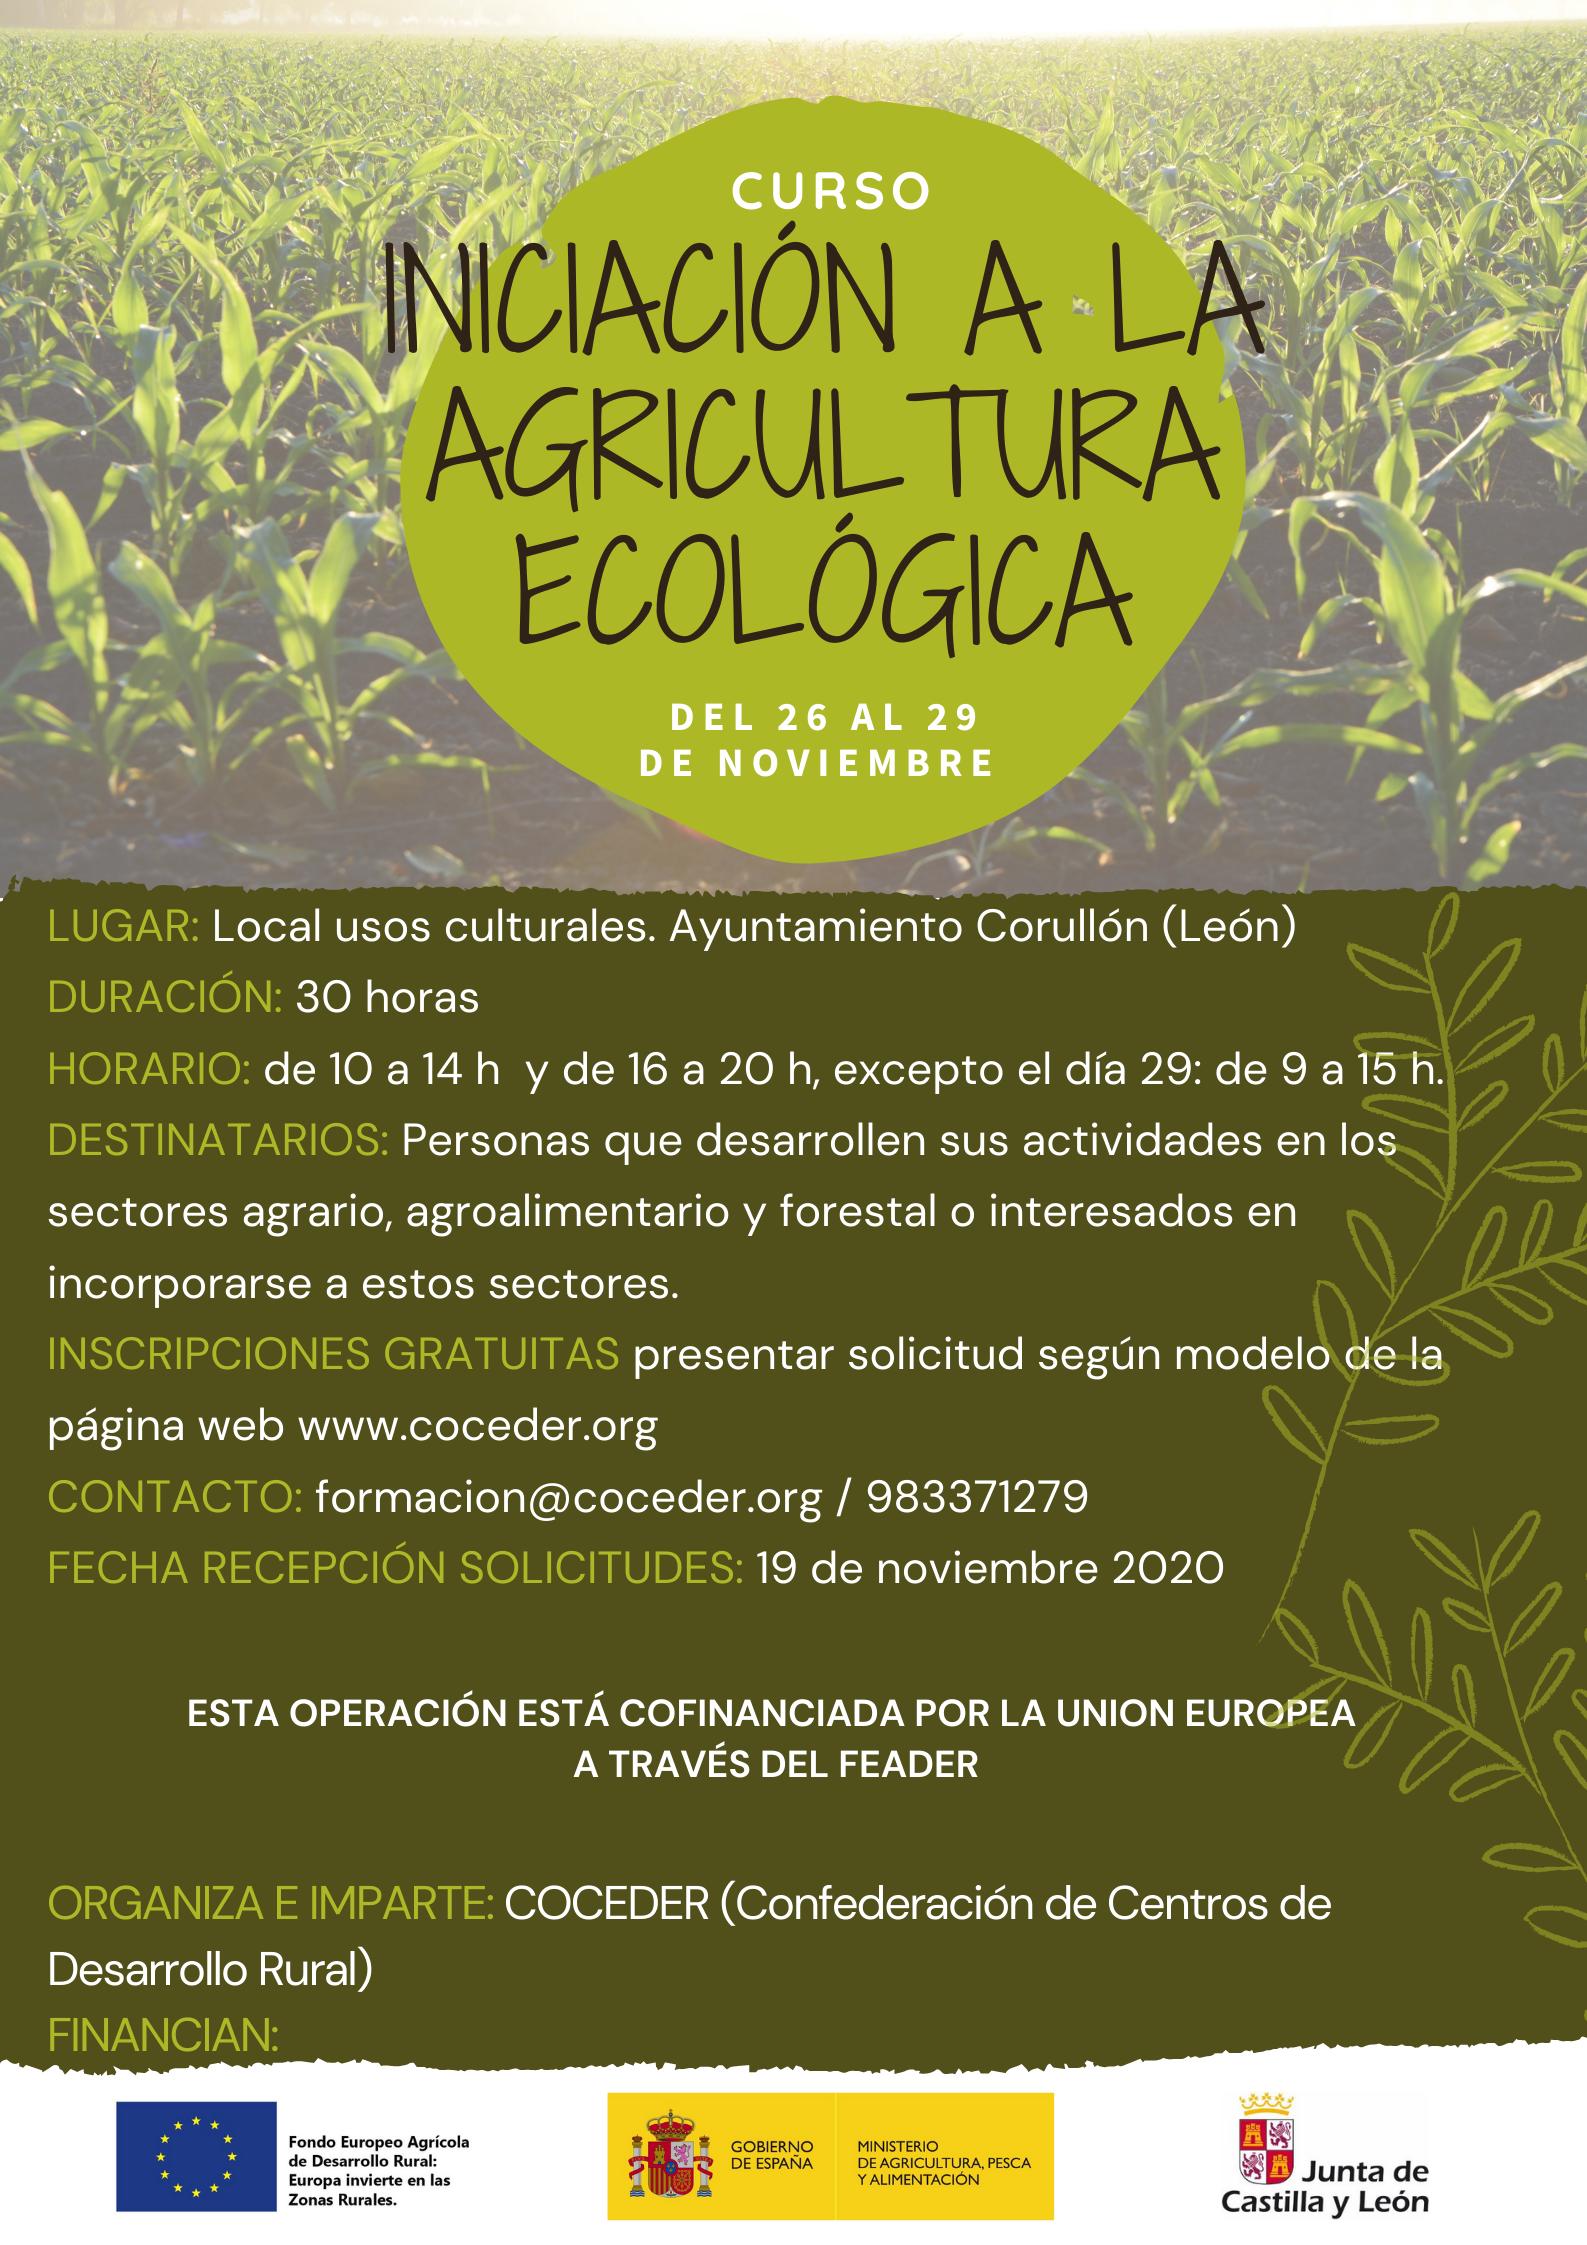 Cursos de Apicultura y Agricultura Ecológica promovido por Alzheimer Bierzo 2